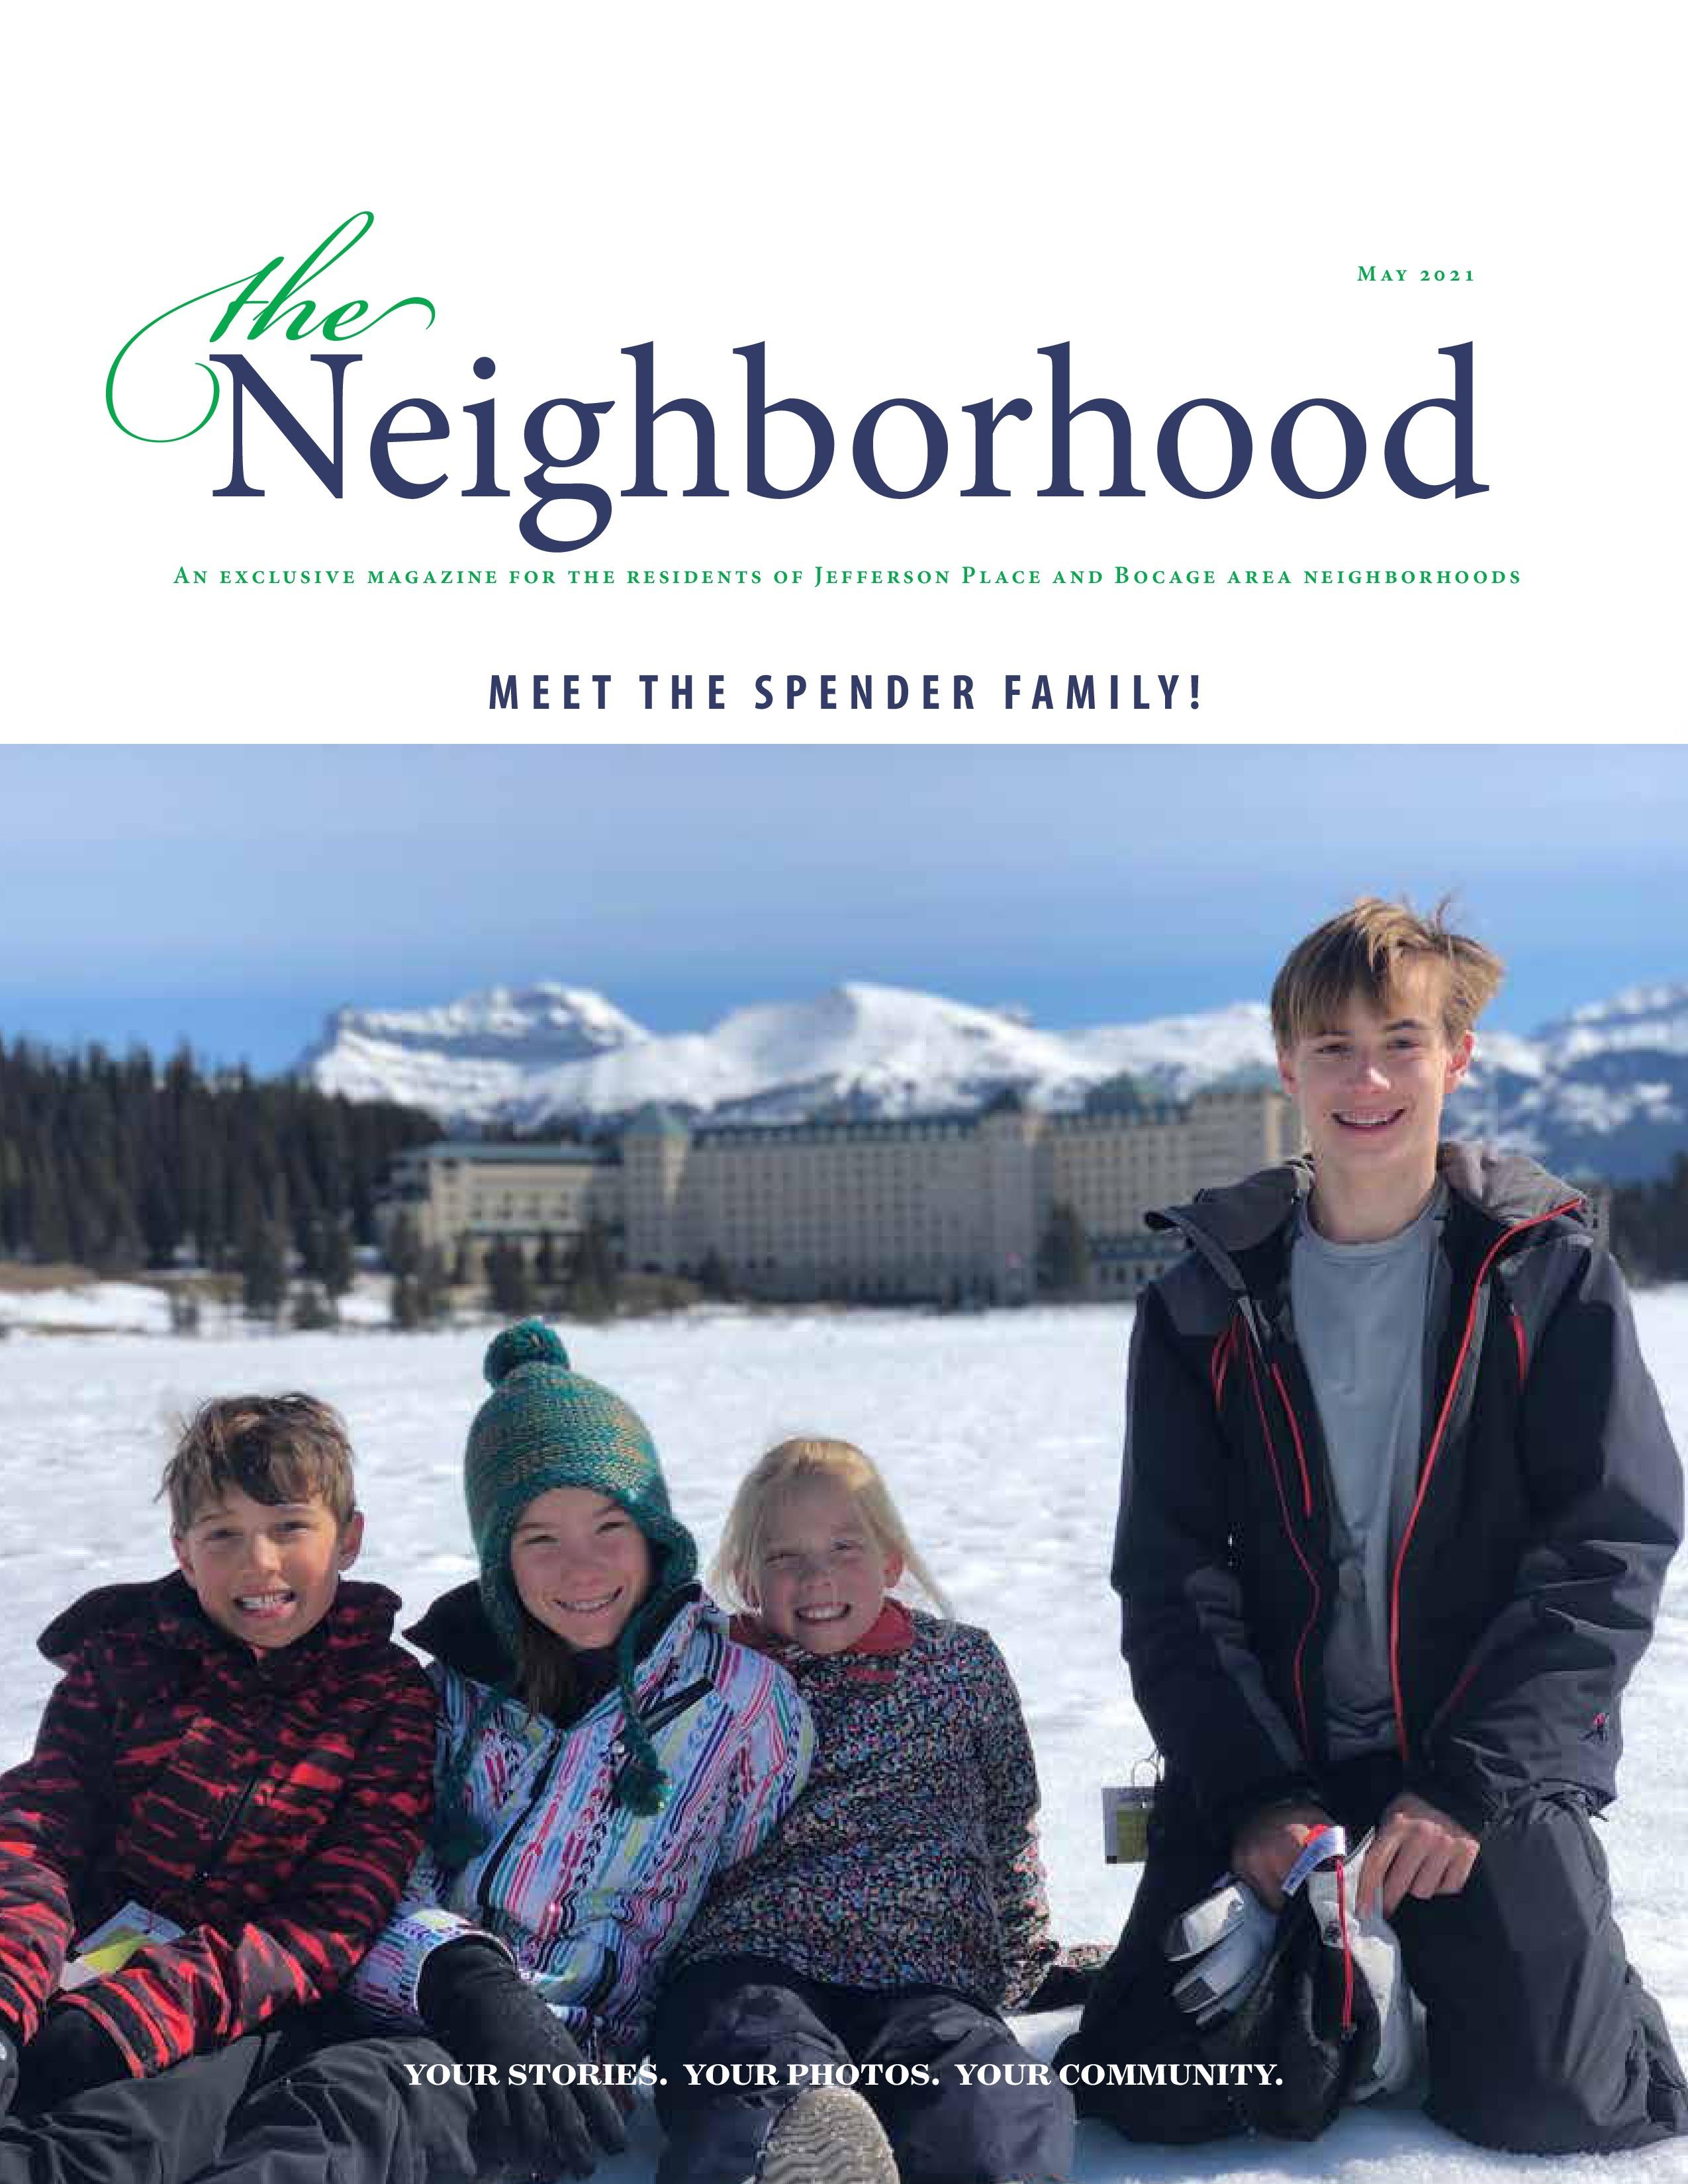 The Neighborhood 2021-05-01